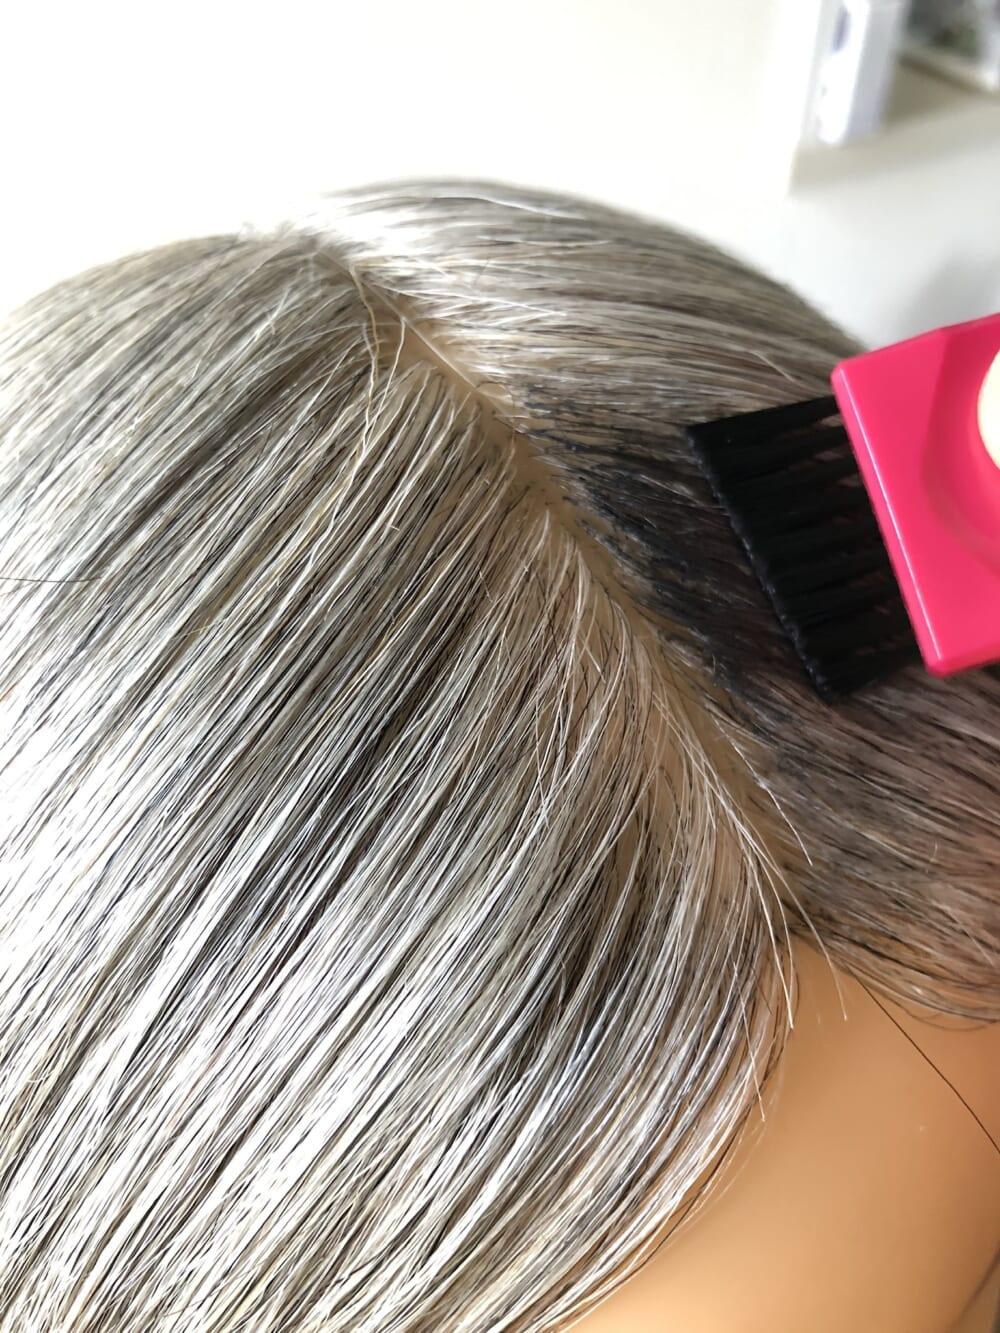 付属のブラシに適量をとり、乾いた髪の気になる生え際や分け目の白髪に塗ります。根元から少しはなれた場所から塗ると、地肌につきにくくなります